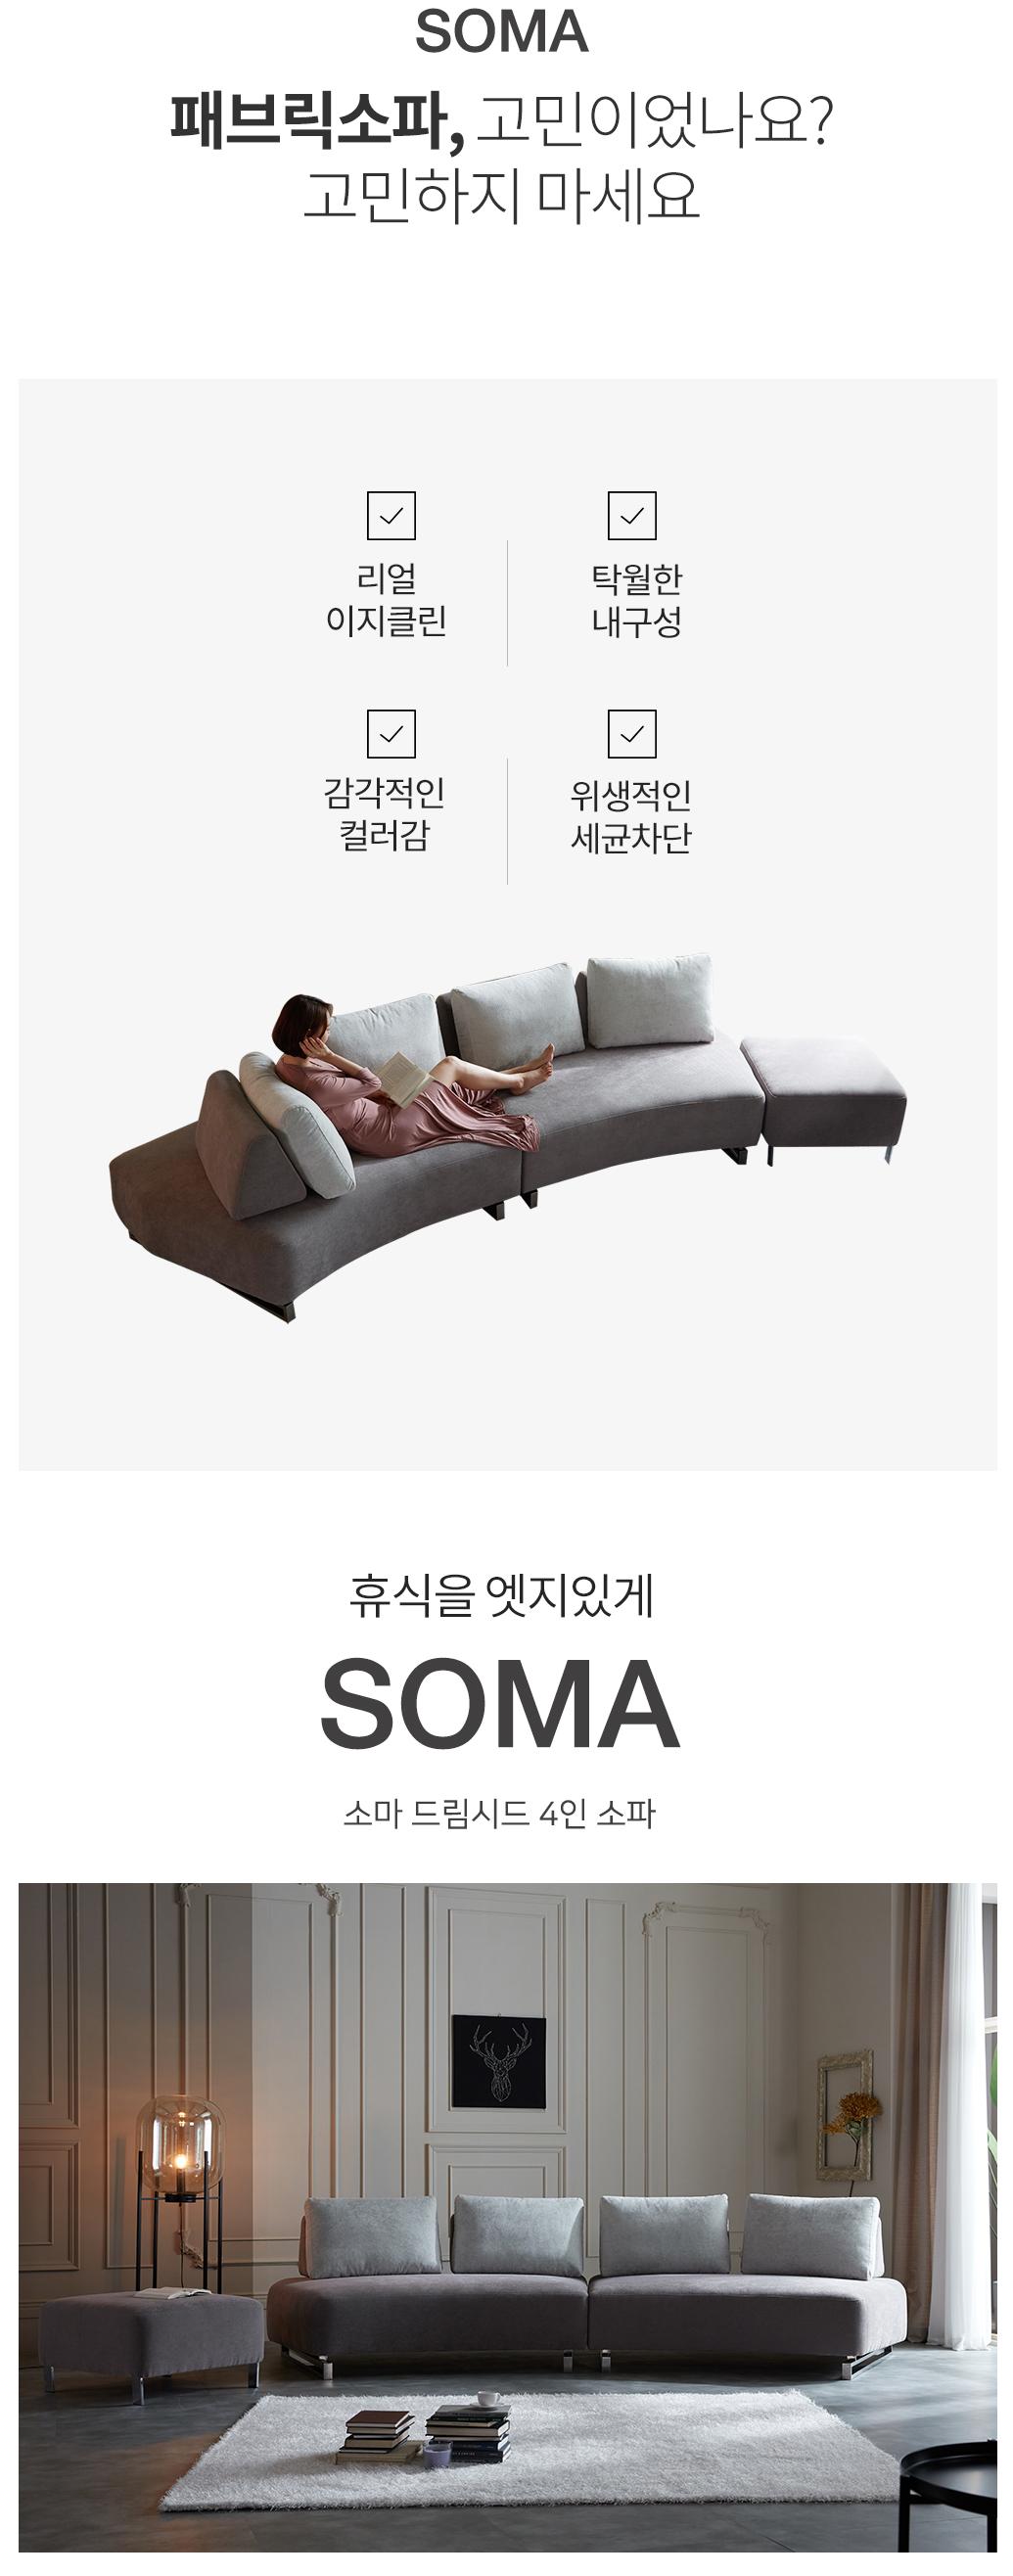 SOMA_03.jpg